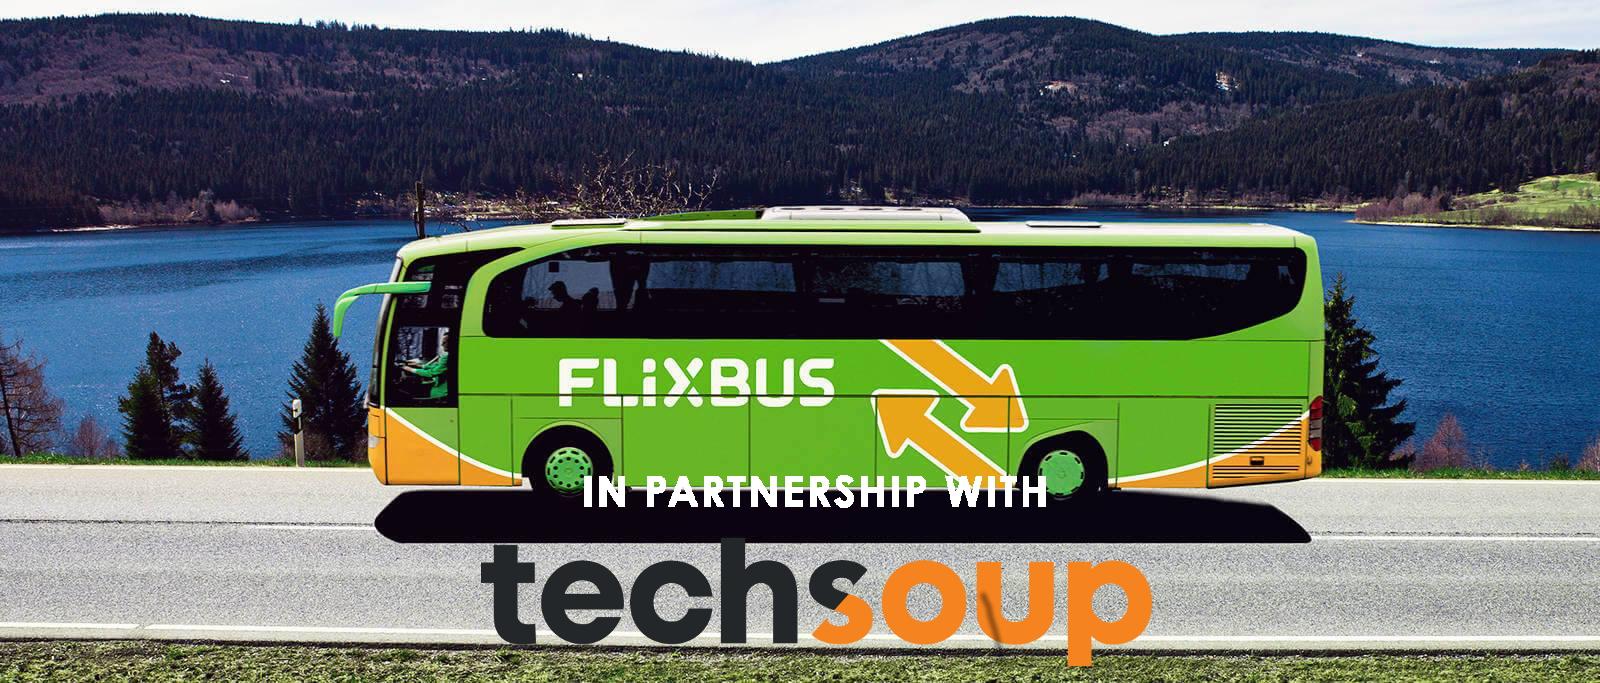 Sconti su FlixBus per i nostri volontari e partecipanti!